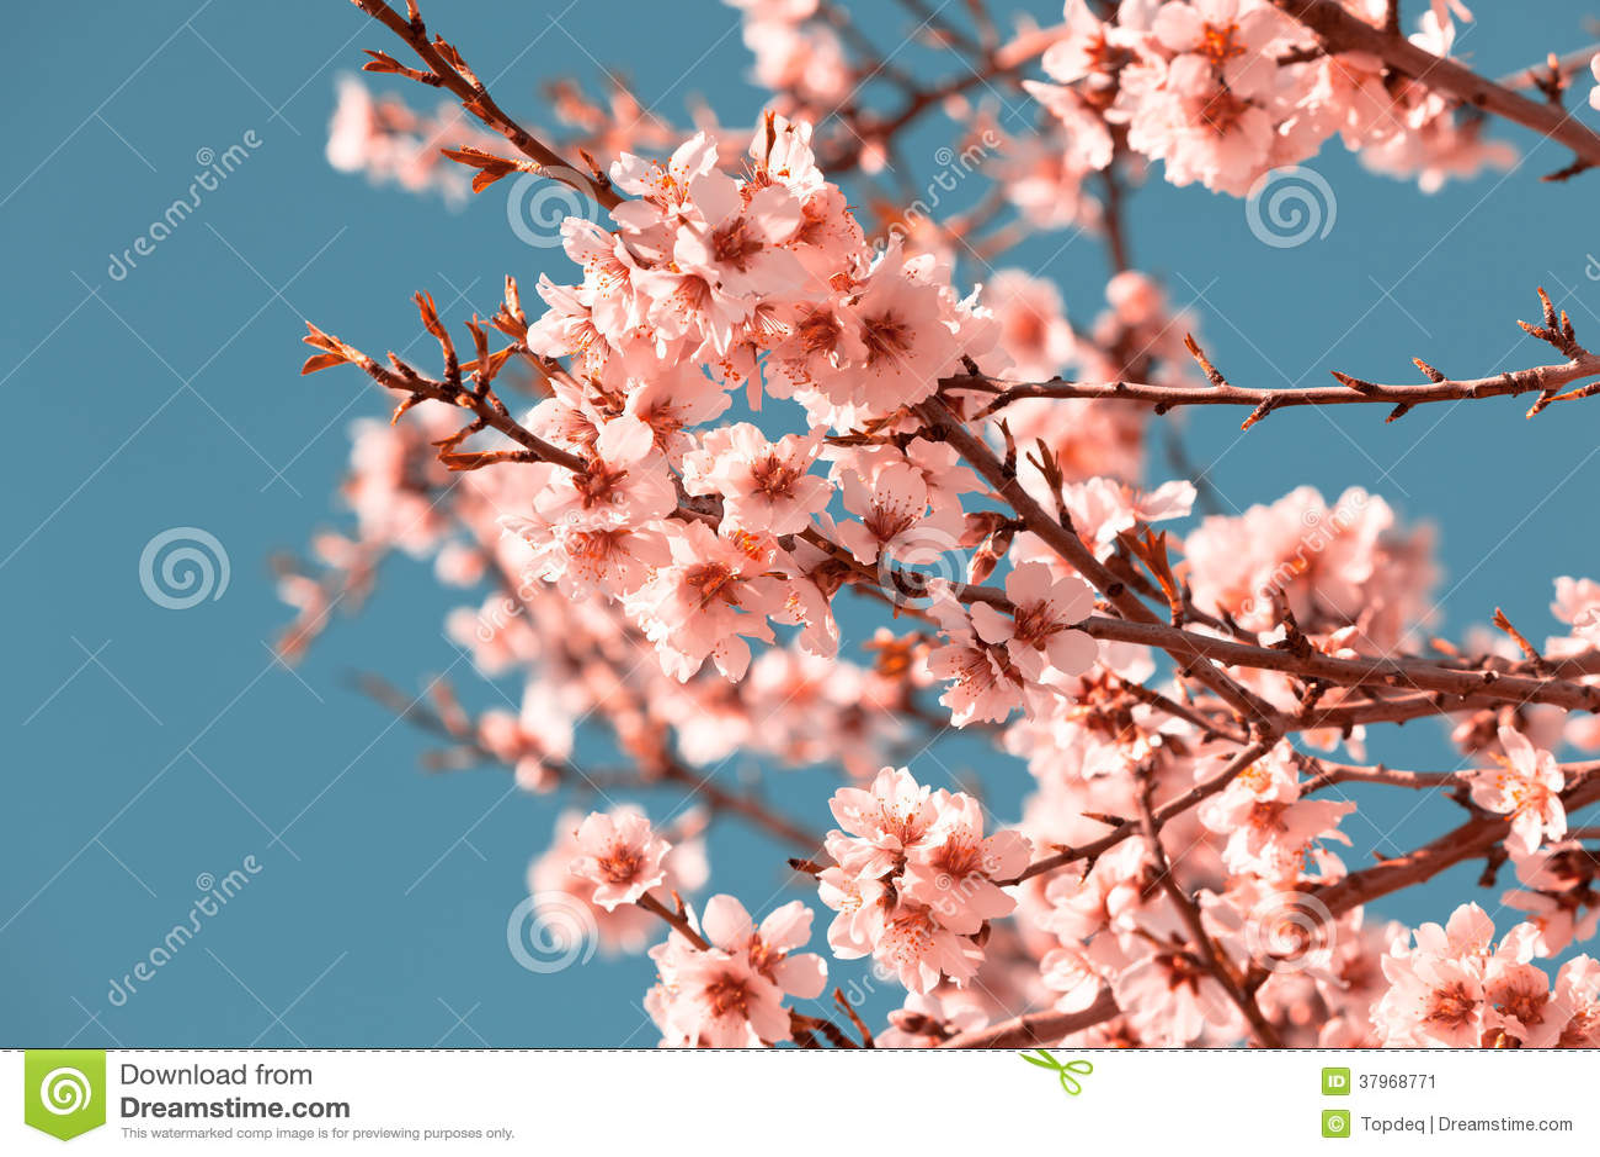 rosa blumen bl hender pfirsich baum am fr hling stockbild bild 37968771